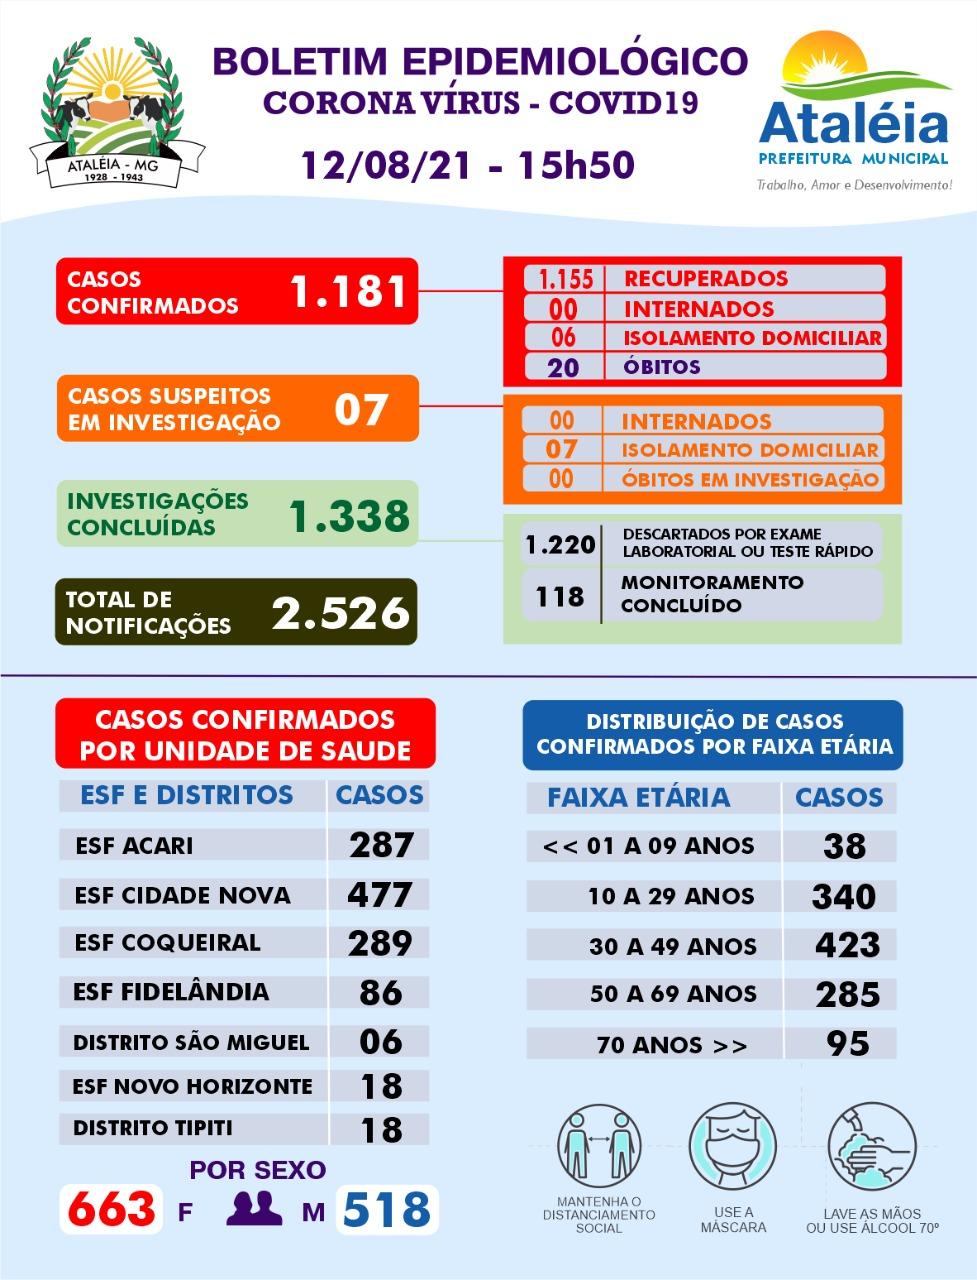 BOLETIM ATUALIZADO - 12 DE AGOSTO DE 2021 📊🚑